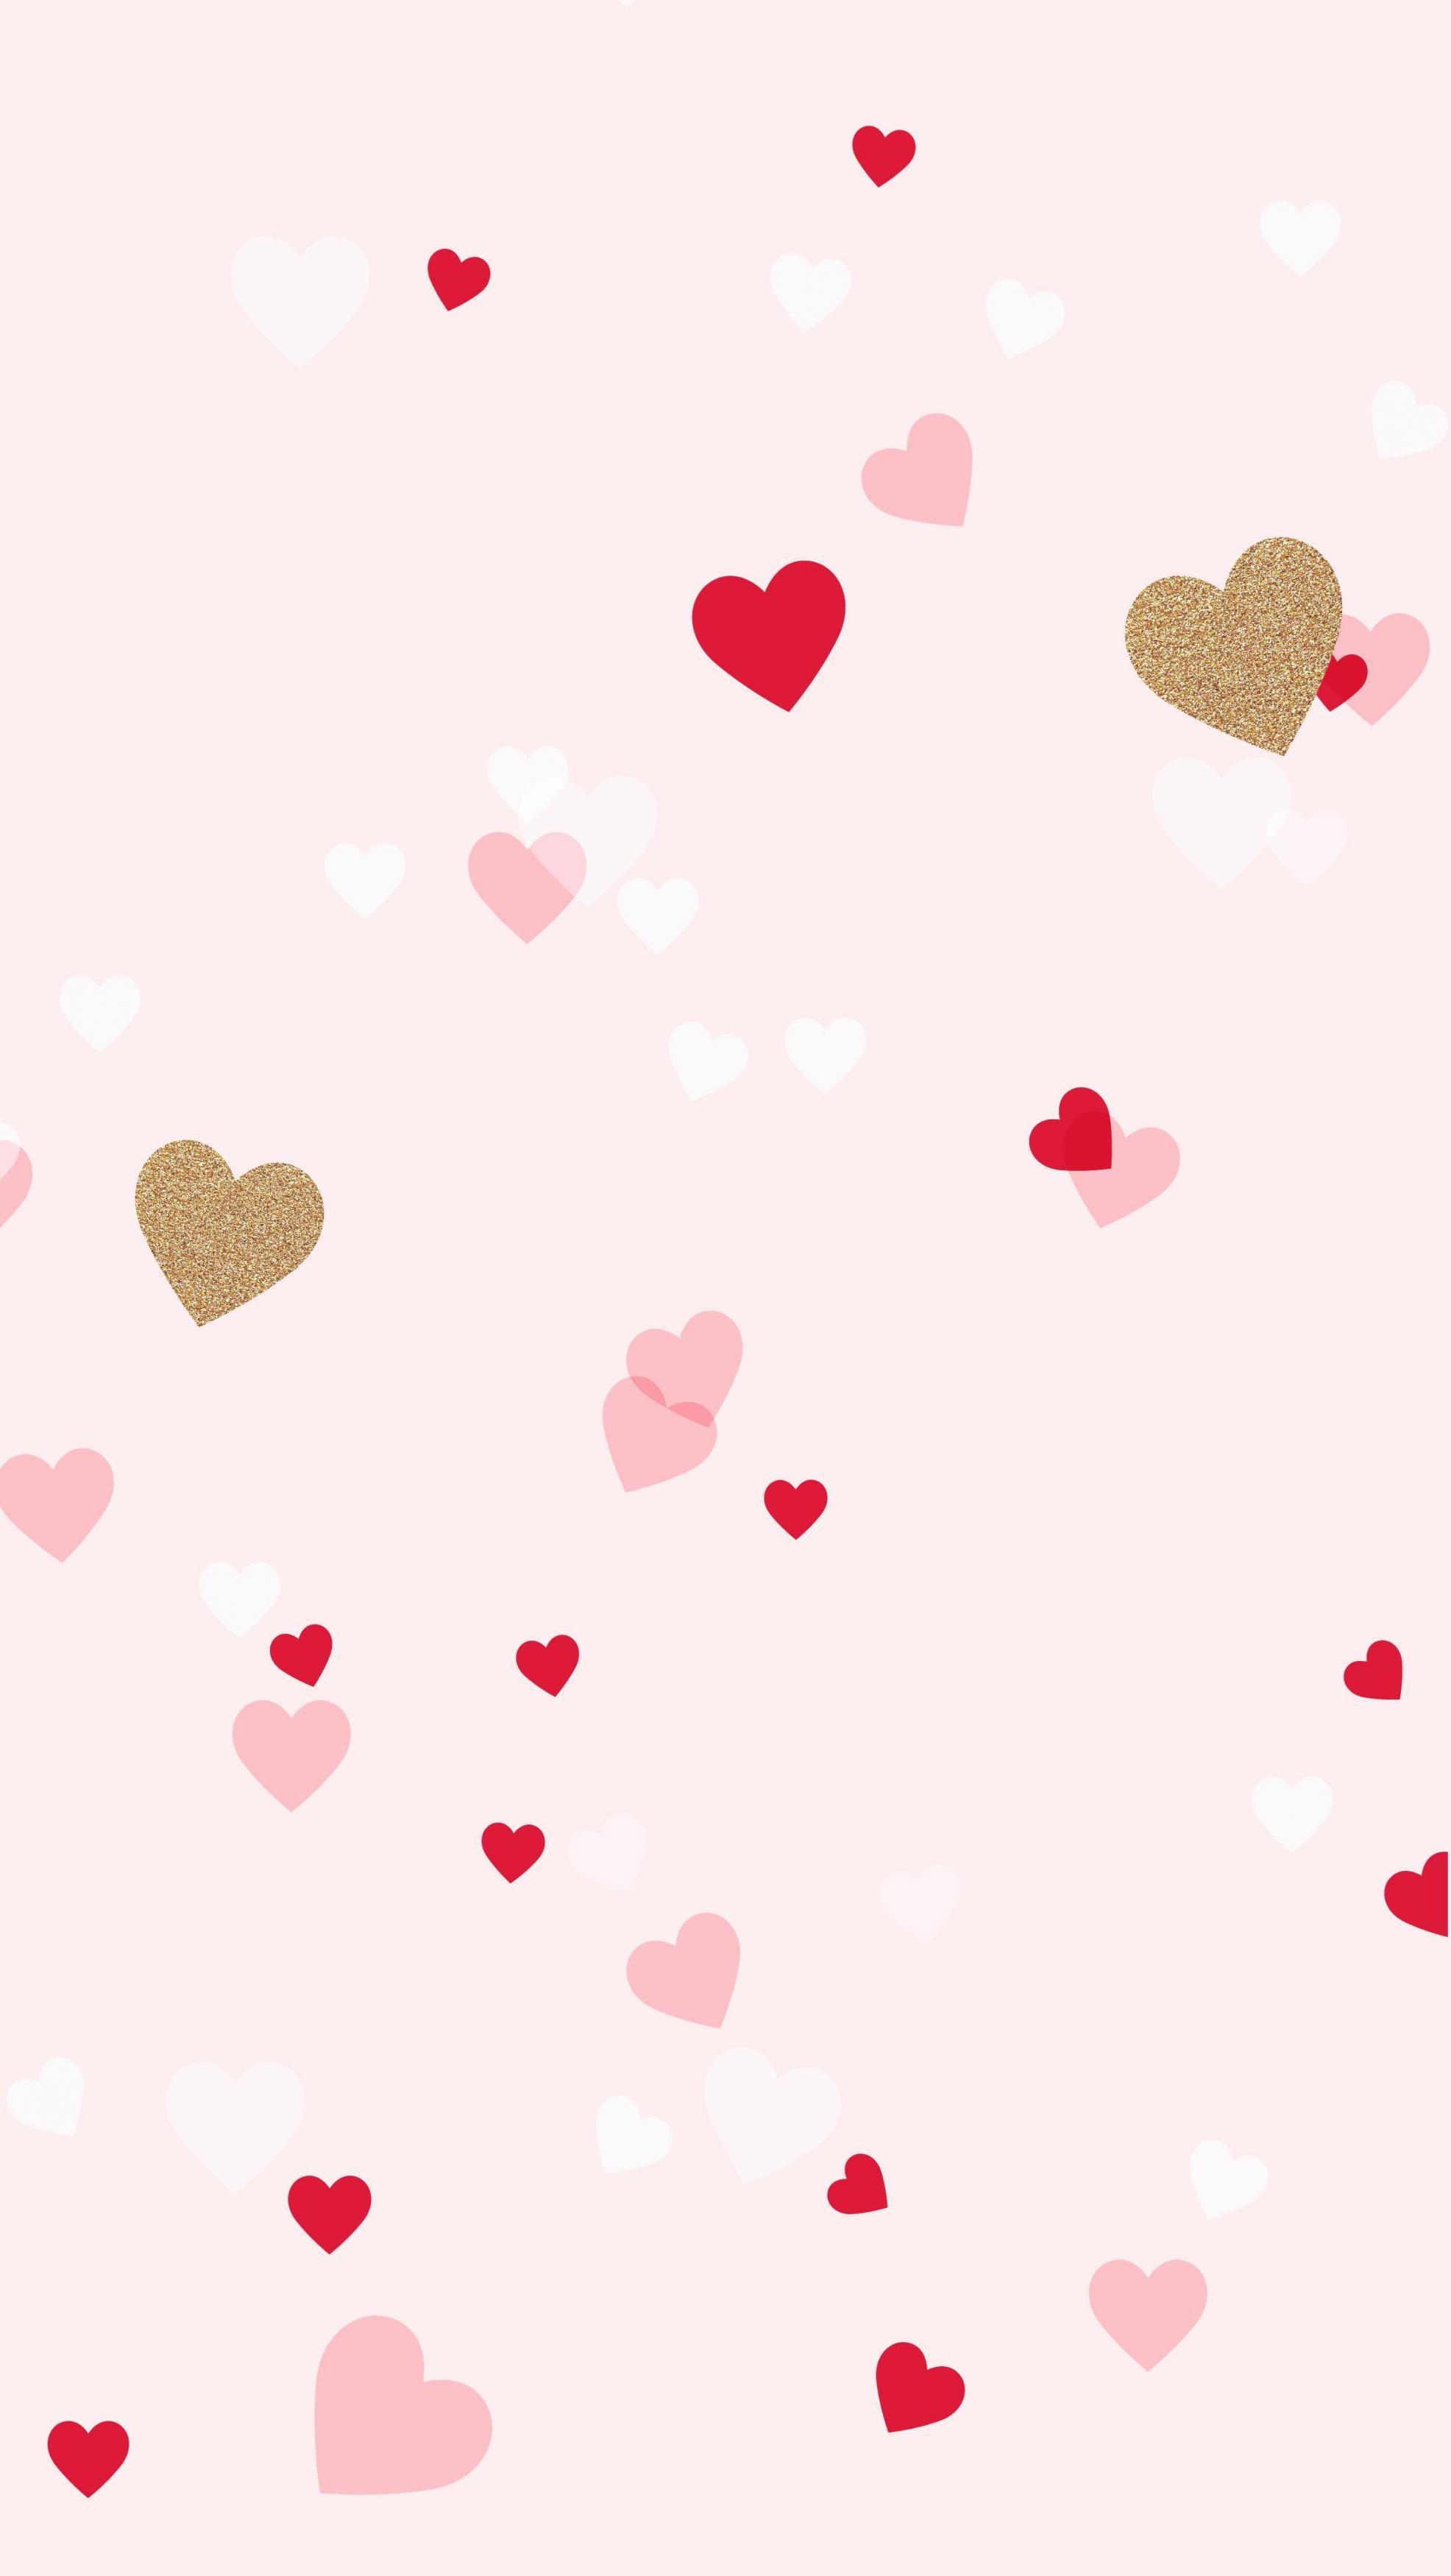 عکس زمینه قلب های رنگارنگ با زمینه صورتی پس زمینه